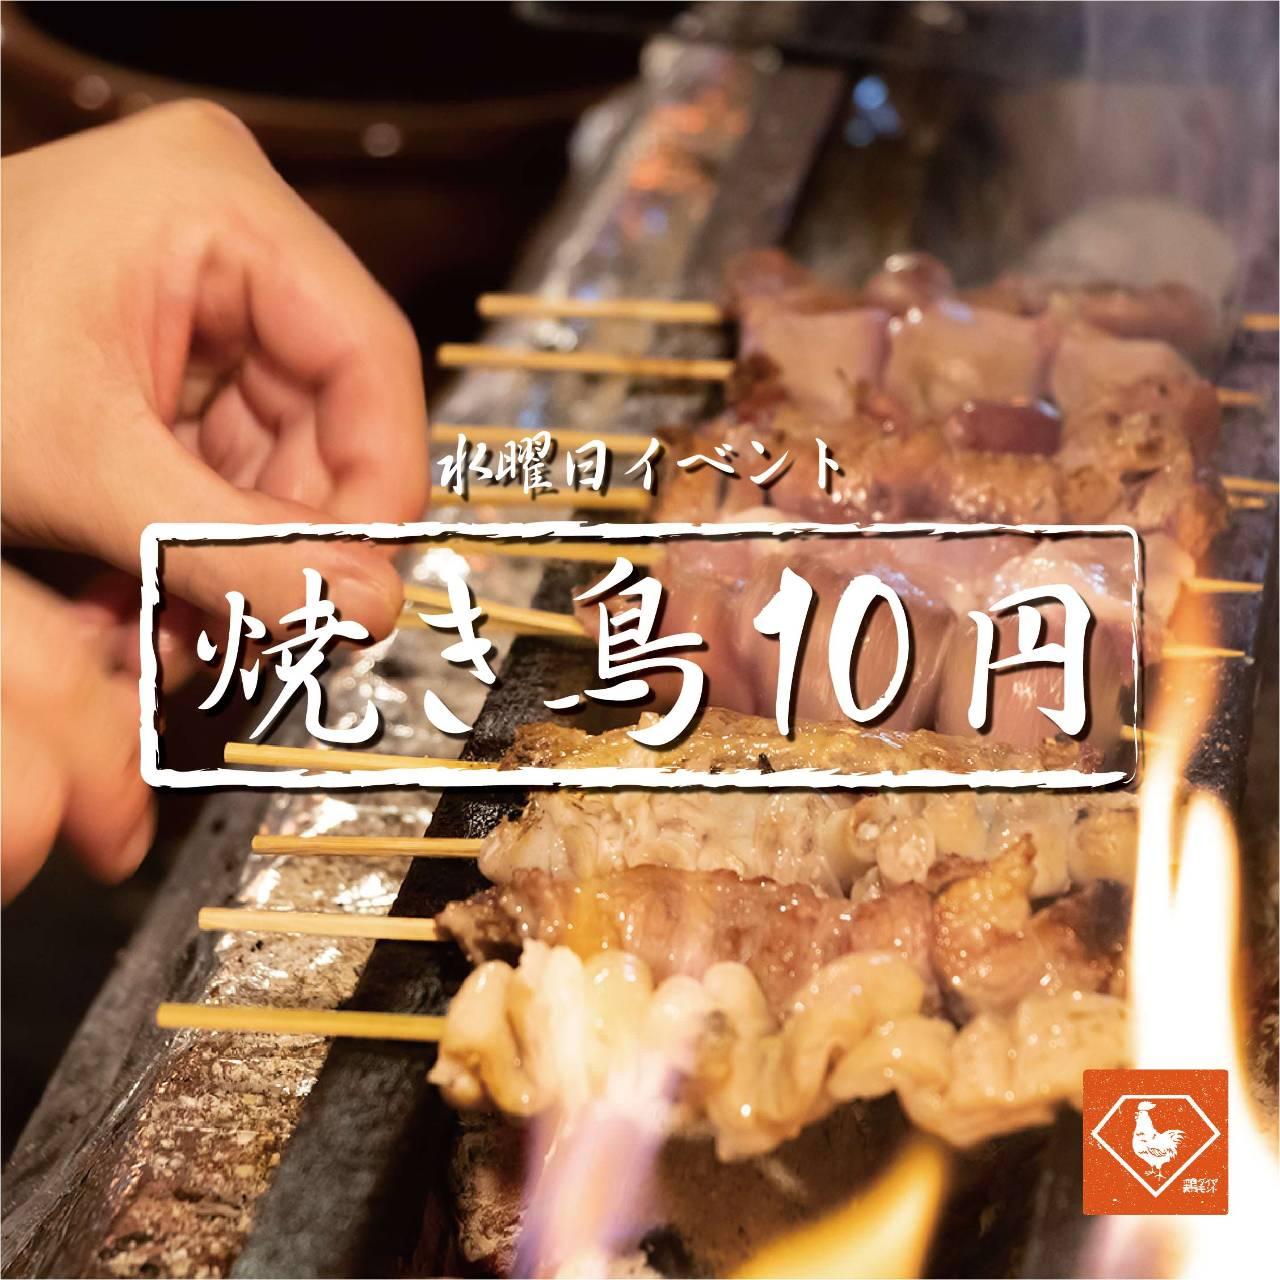 炭火焼鳥居酒屋 鶏ダイヤモンド 武蔵新城店